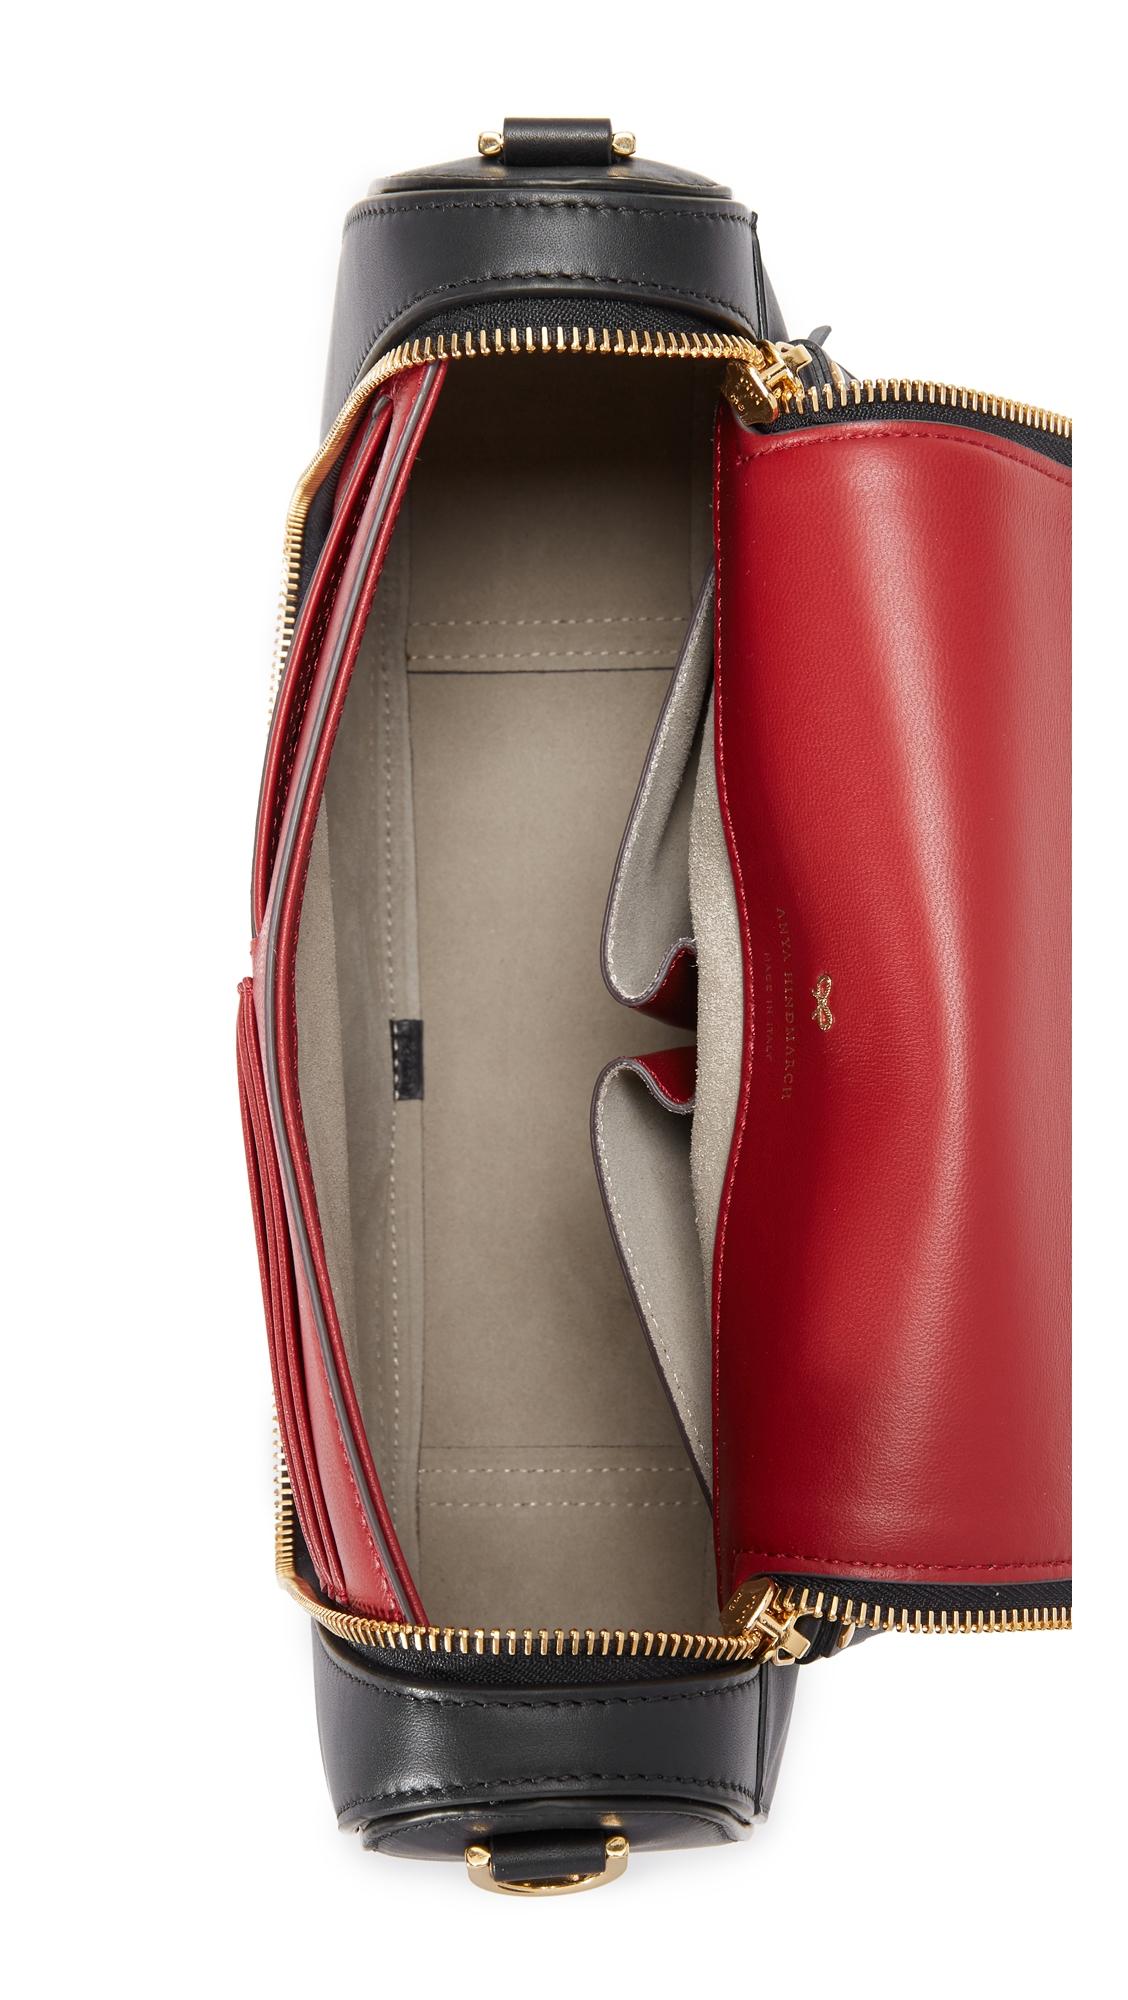 Седельная сумка Vere Anya Hindmarch  (ANYAS4074312867314)